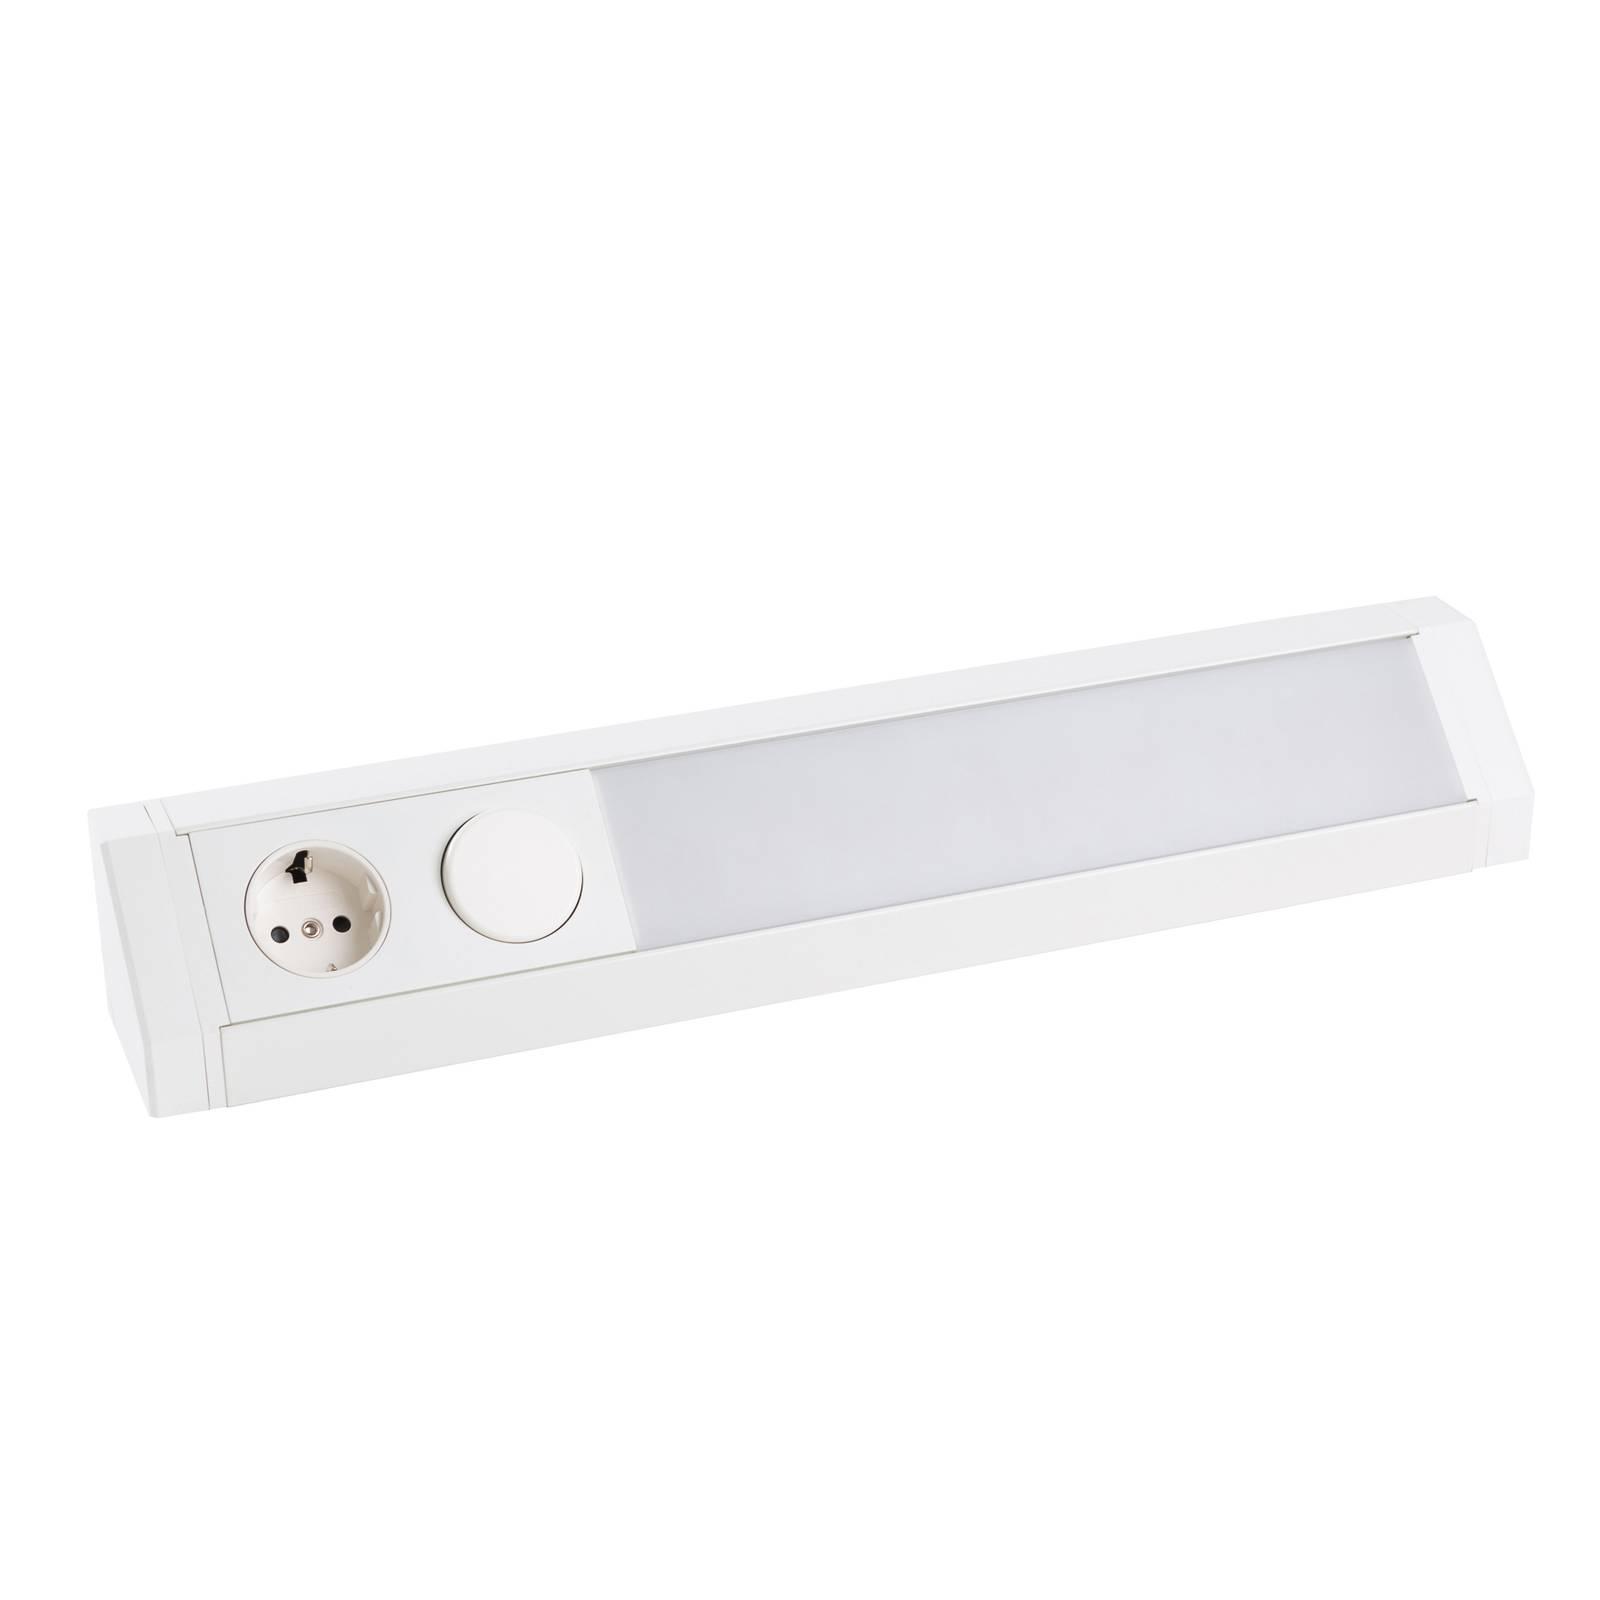 Arcchio Mitari -LED-kaapinalusvalaisin, valkoinen